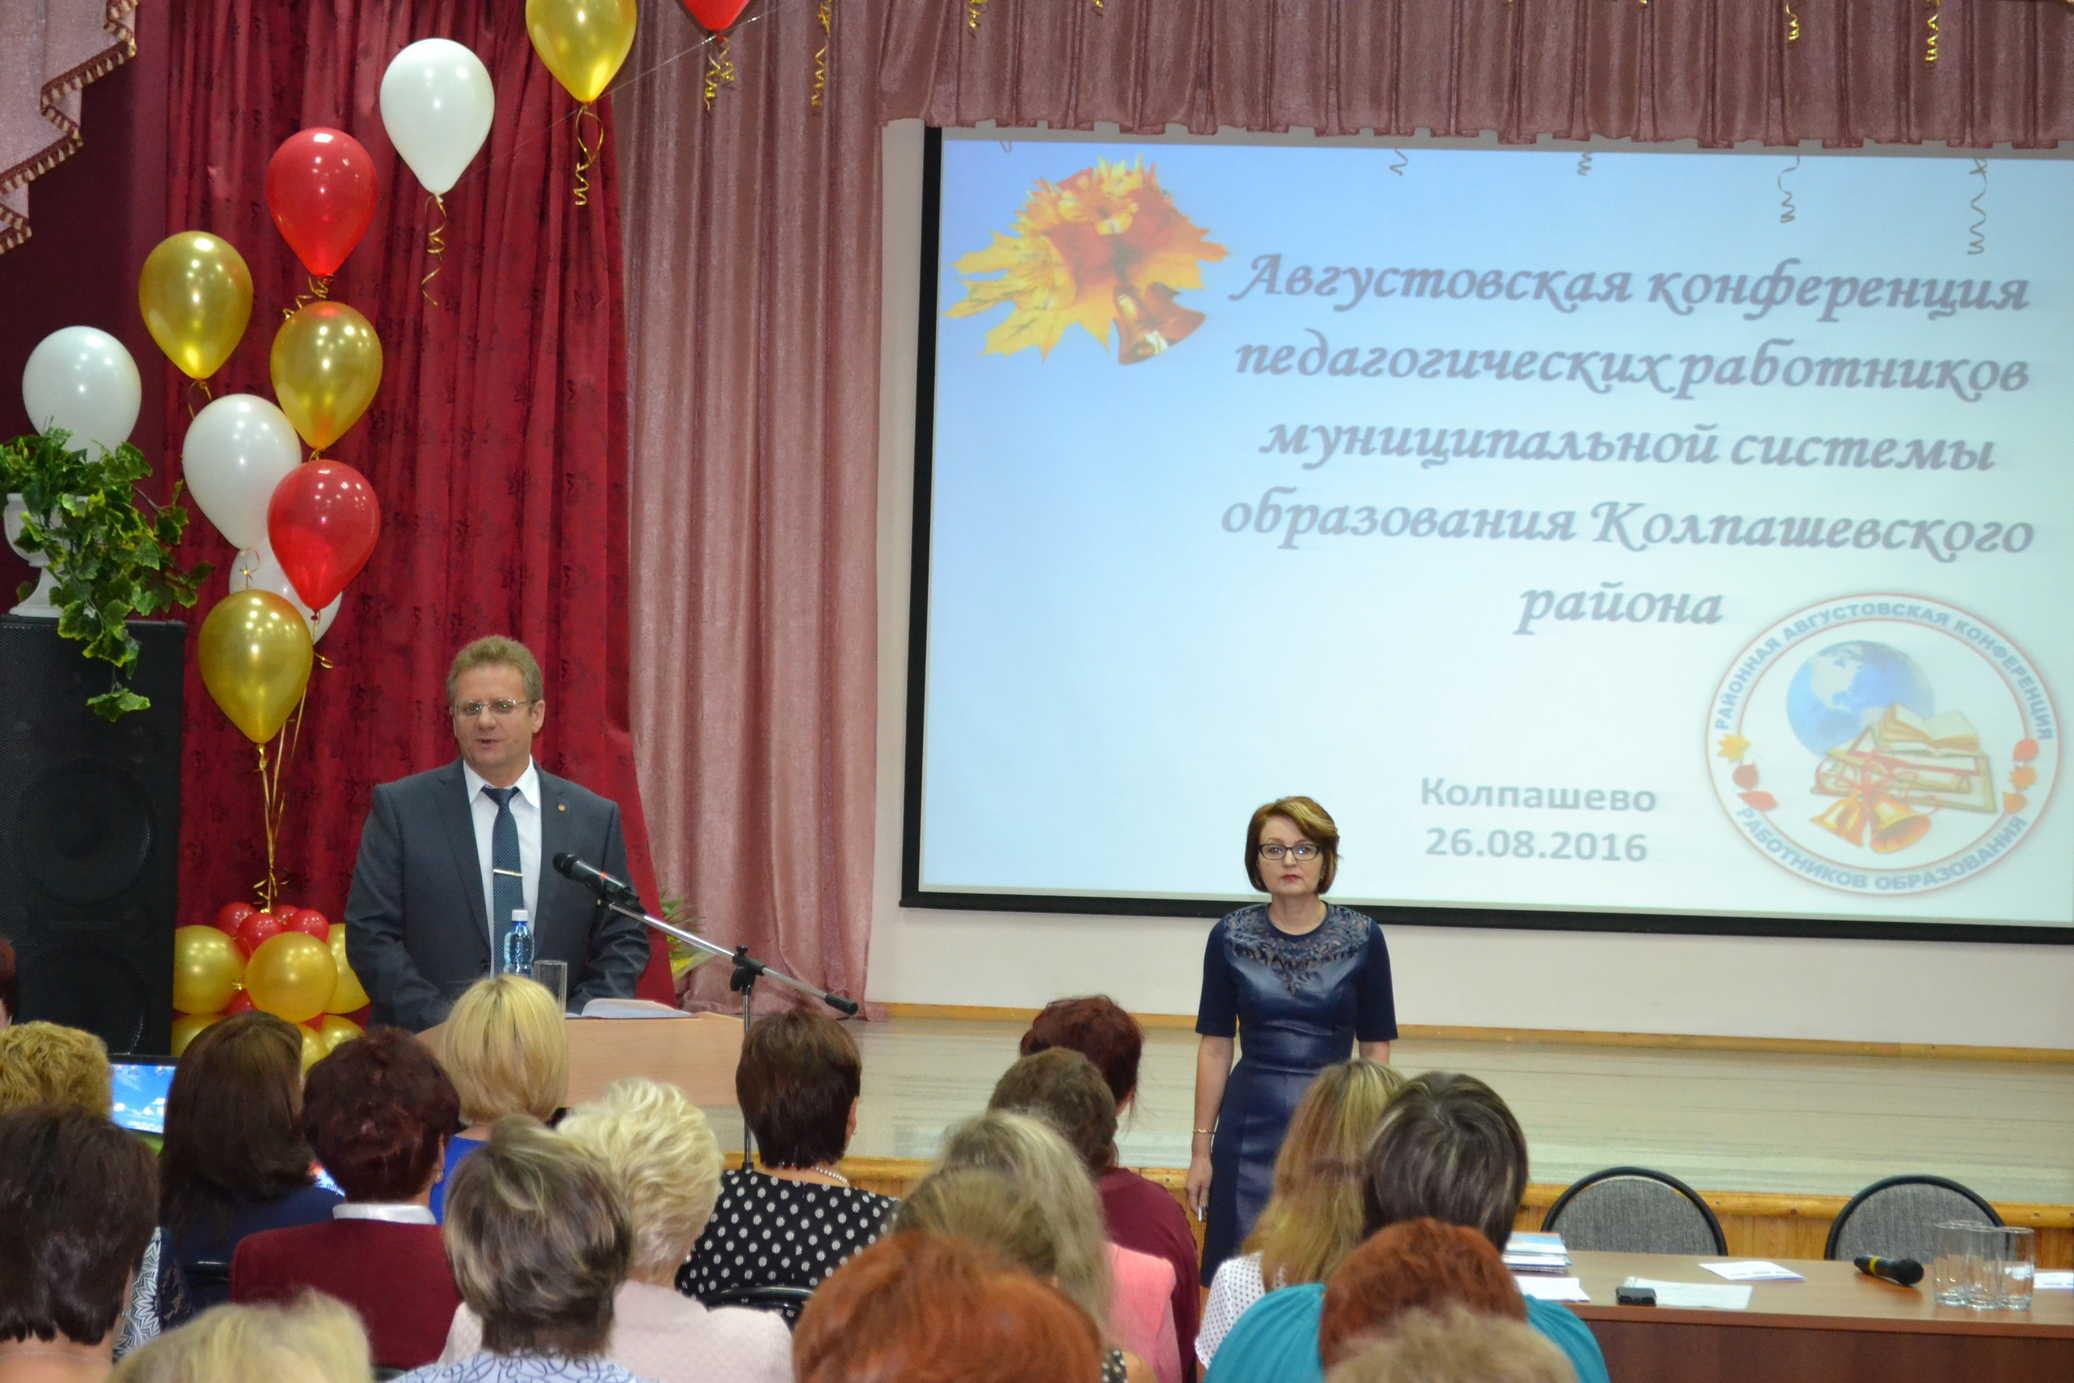 Поздравление на конференции учителей 208